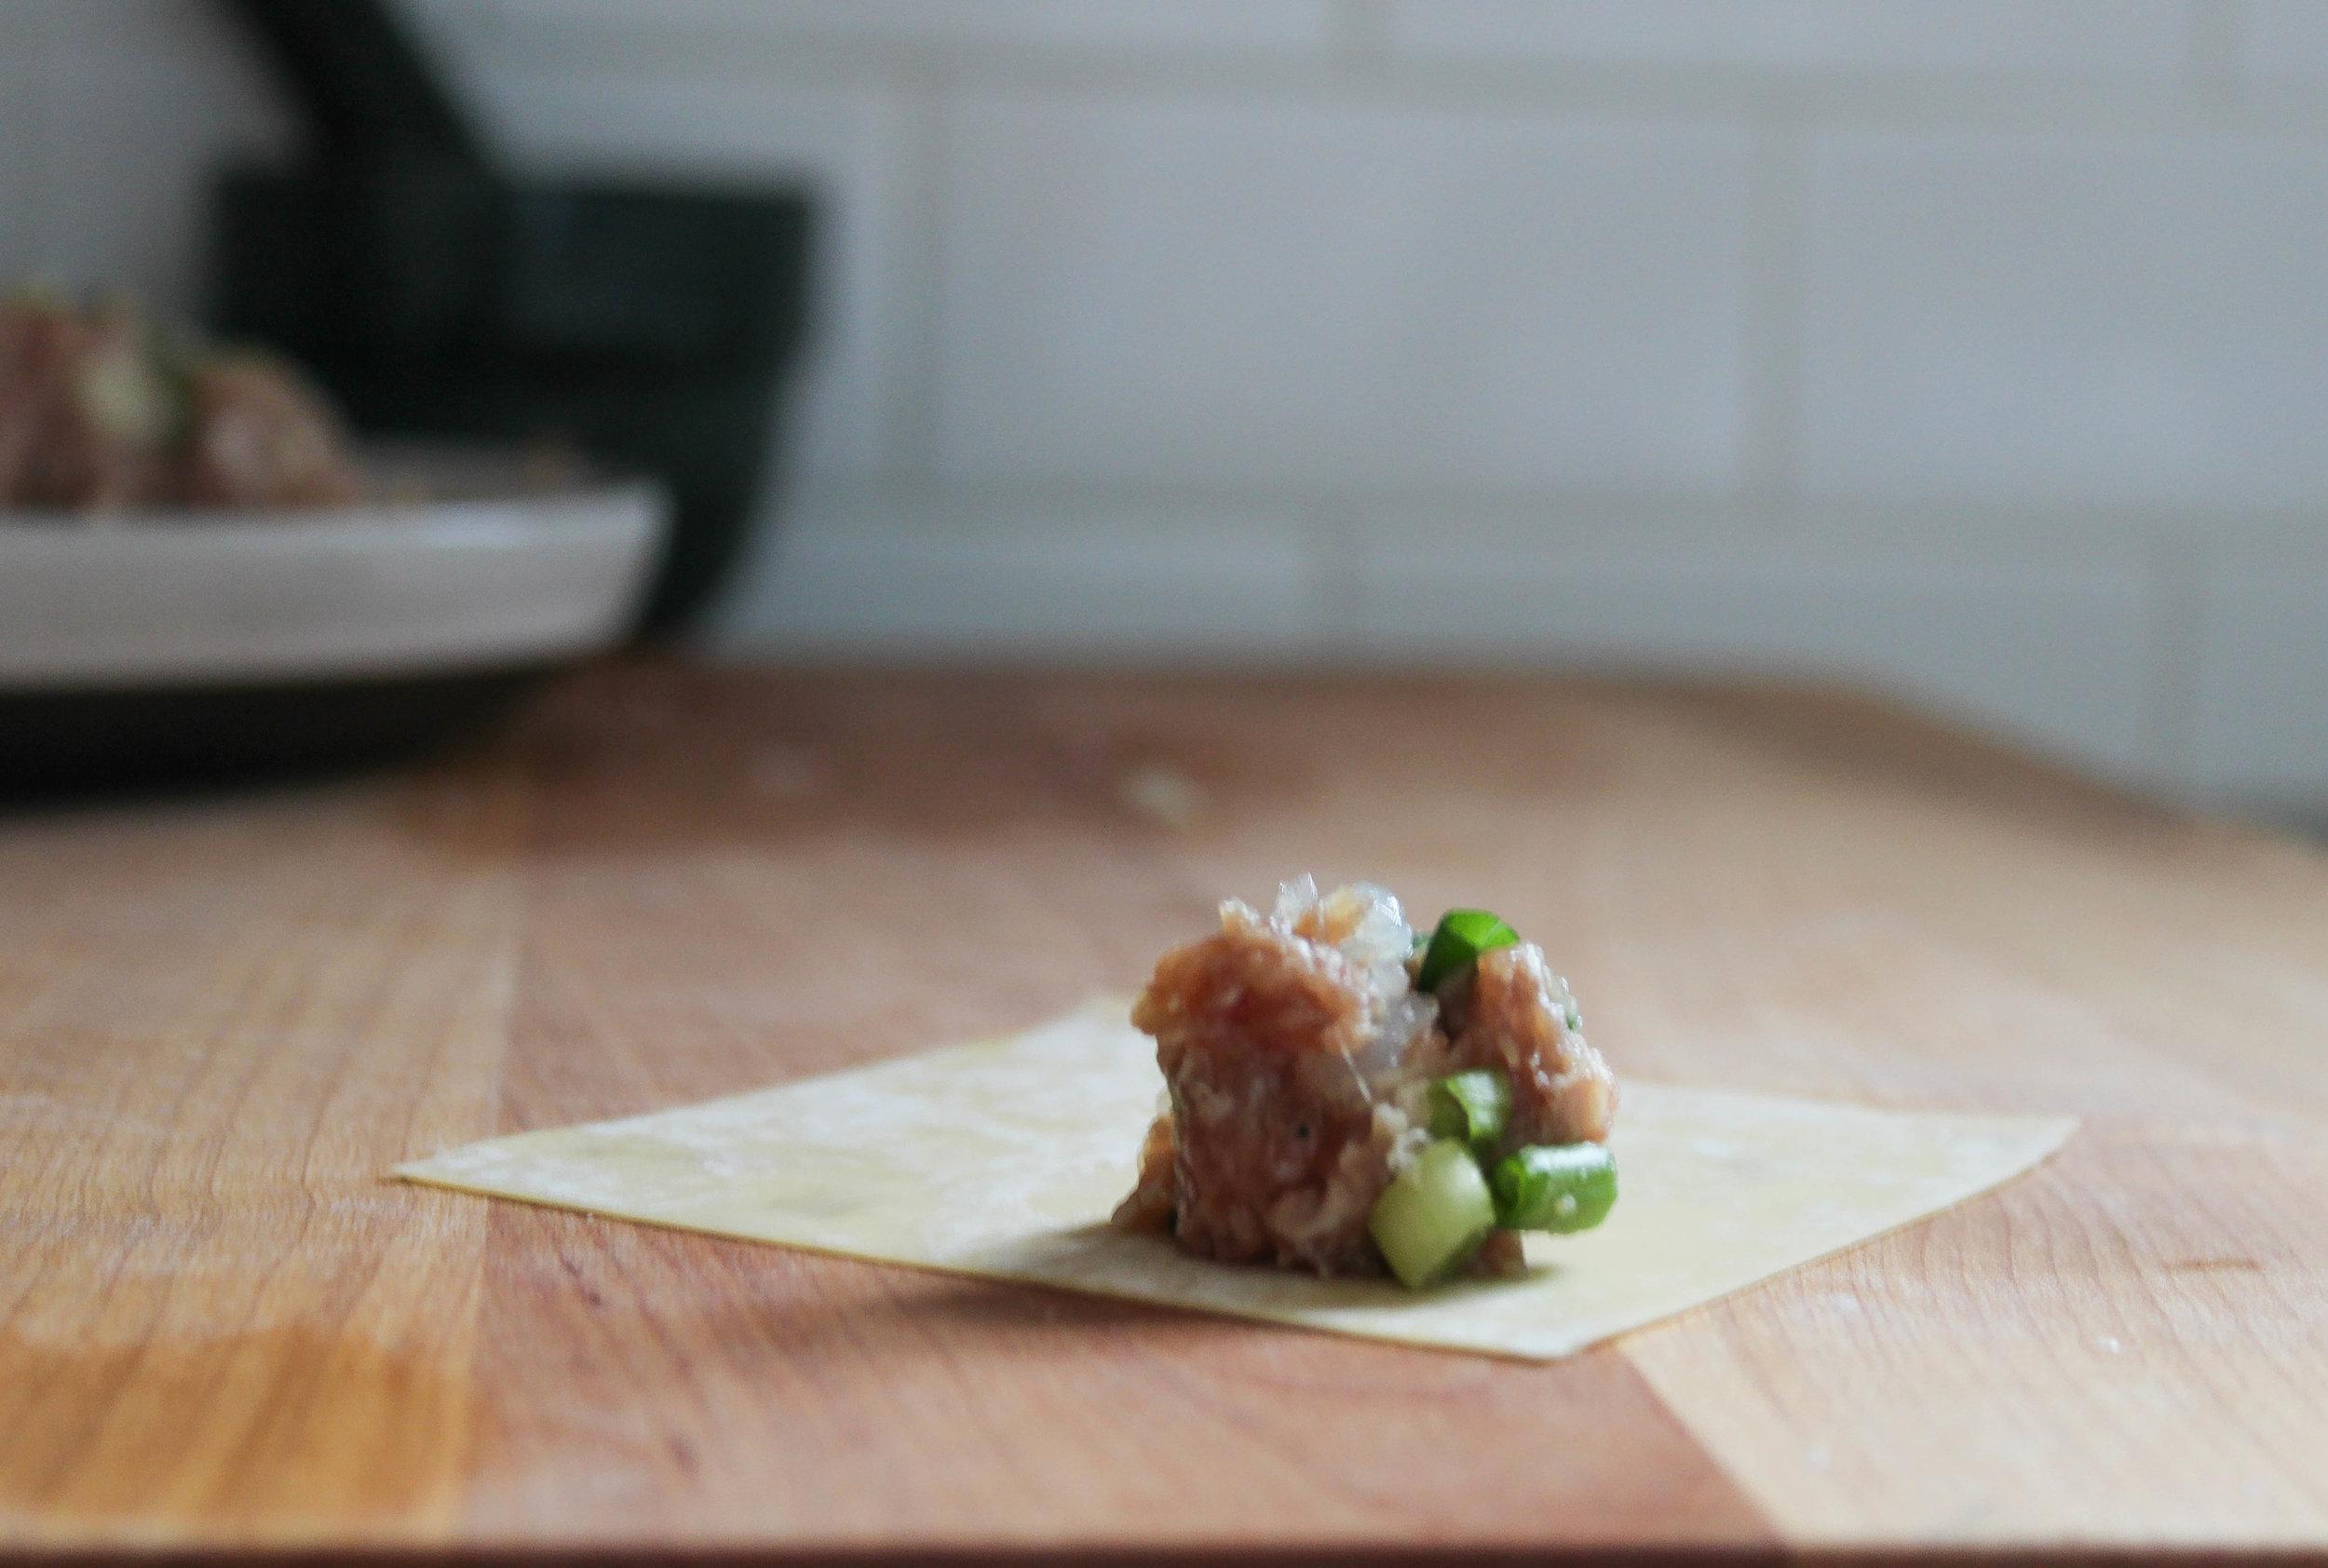 pork and shrimp dumpling rolling